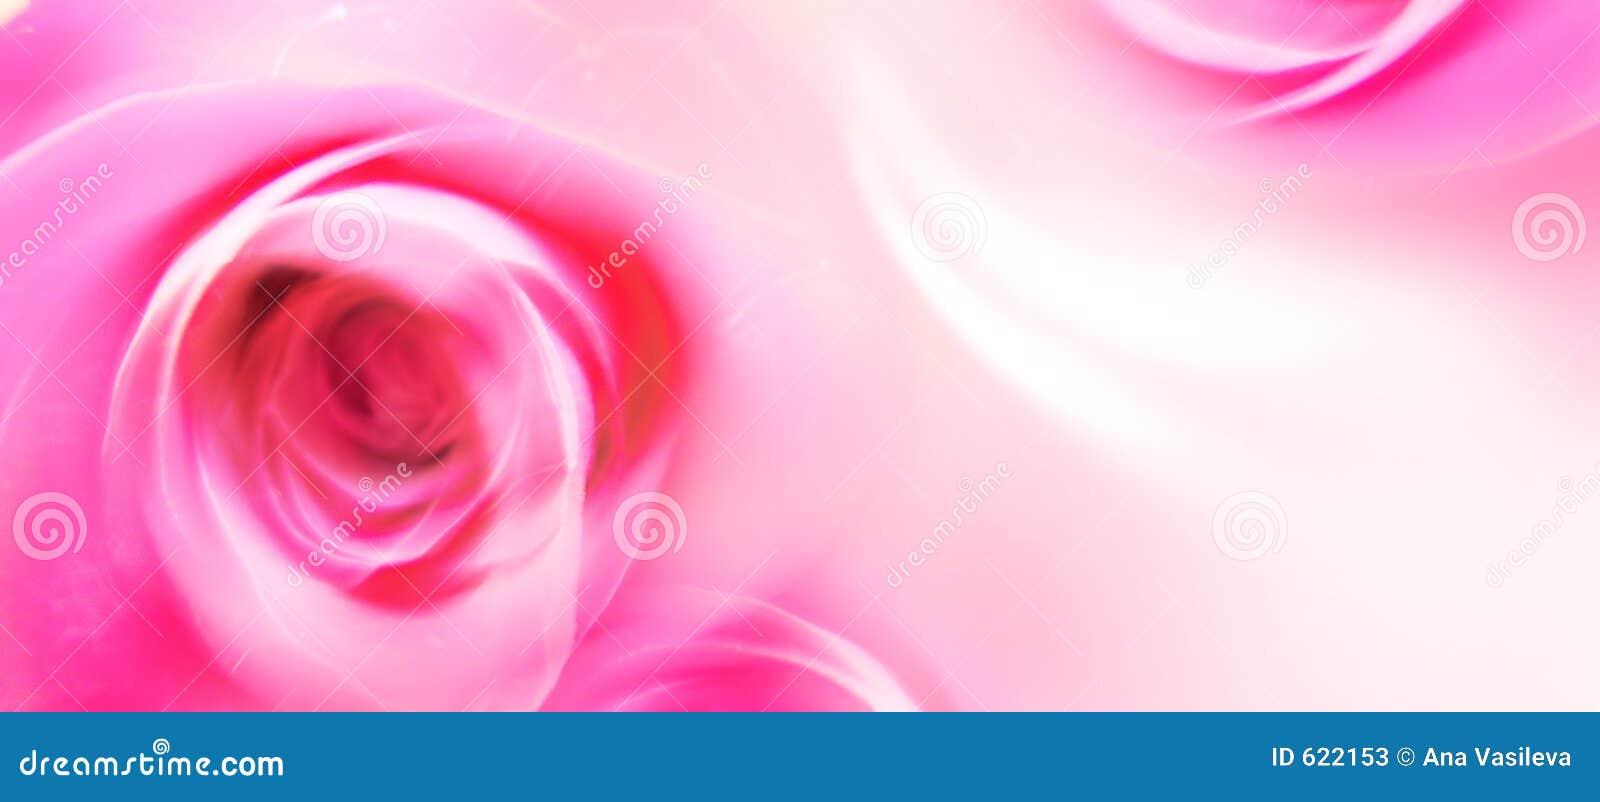 De Kaart van de Groet van de liefde - St Valentijnskaart - Bloemen - Rozen